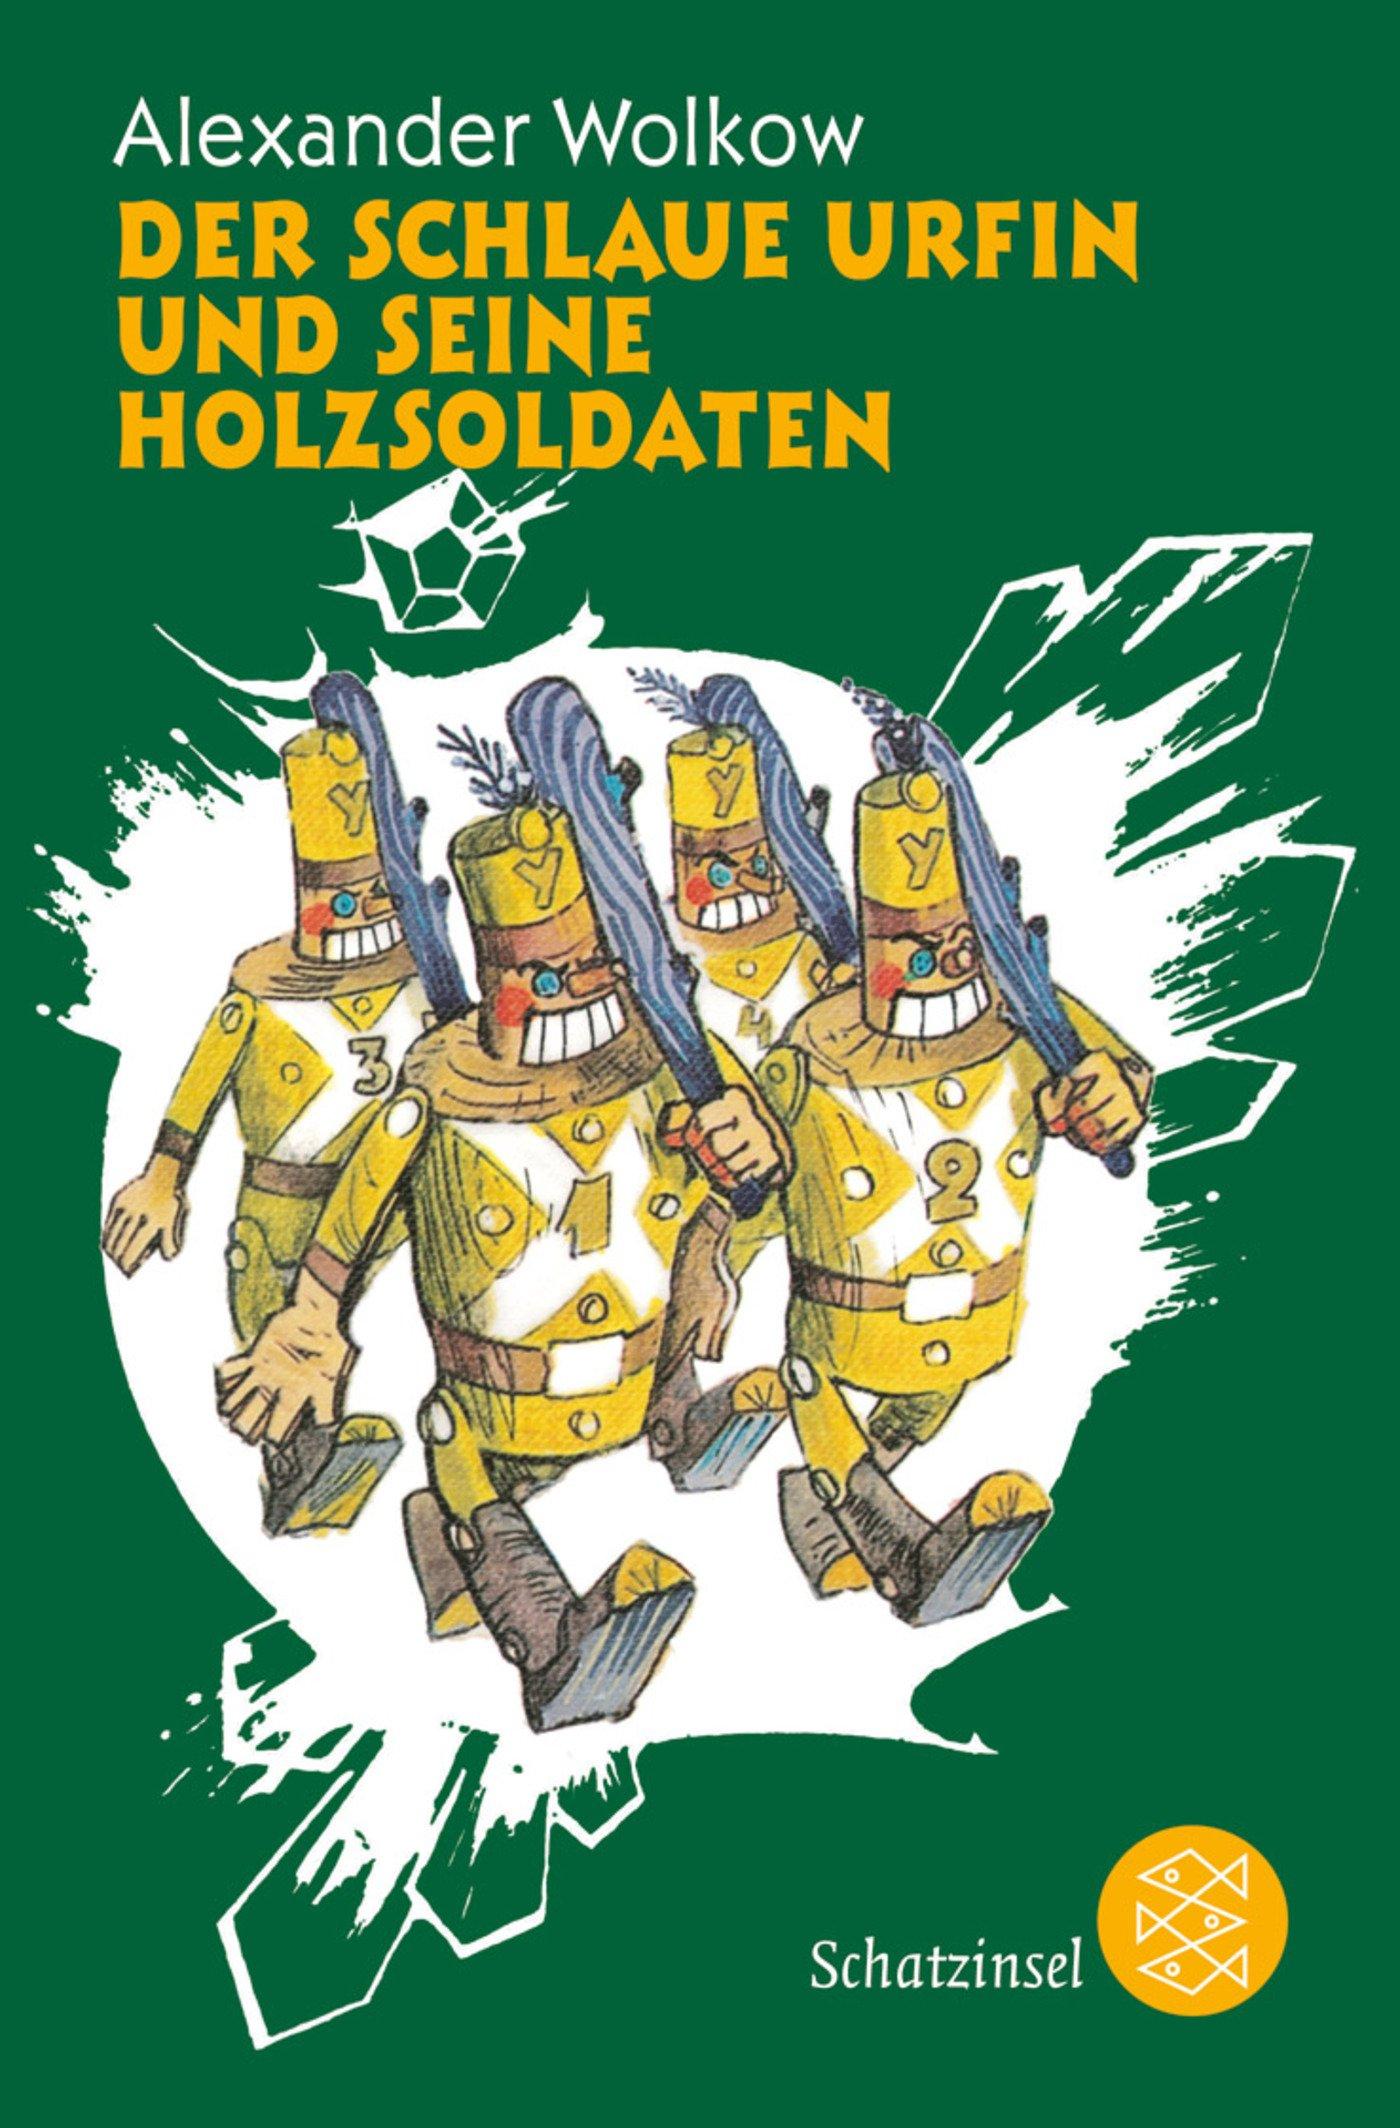 Der schlaue Urfin und seine Holzsoldaten (Die Wolkow-Zauberland-Reihe)